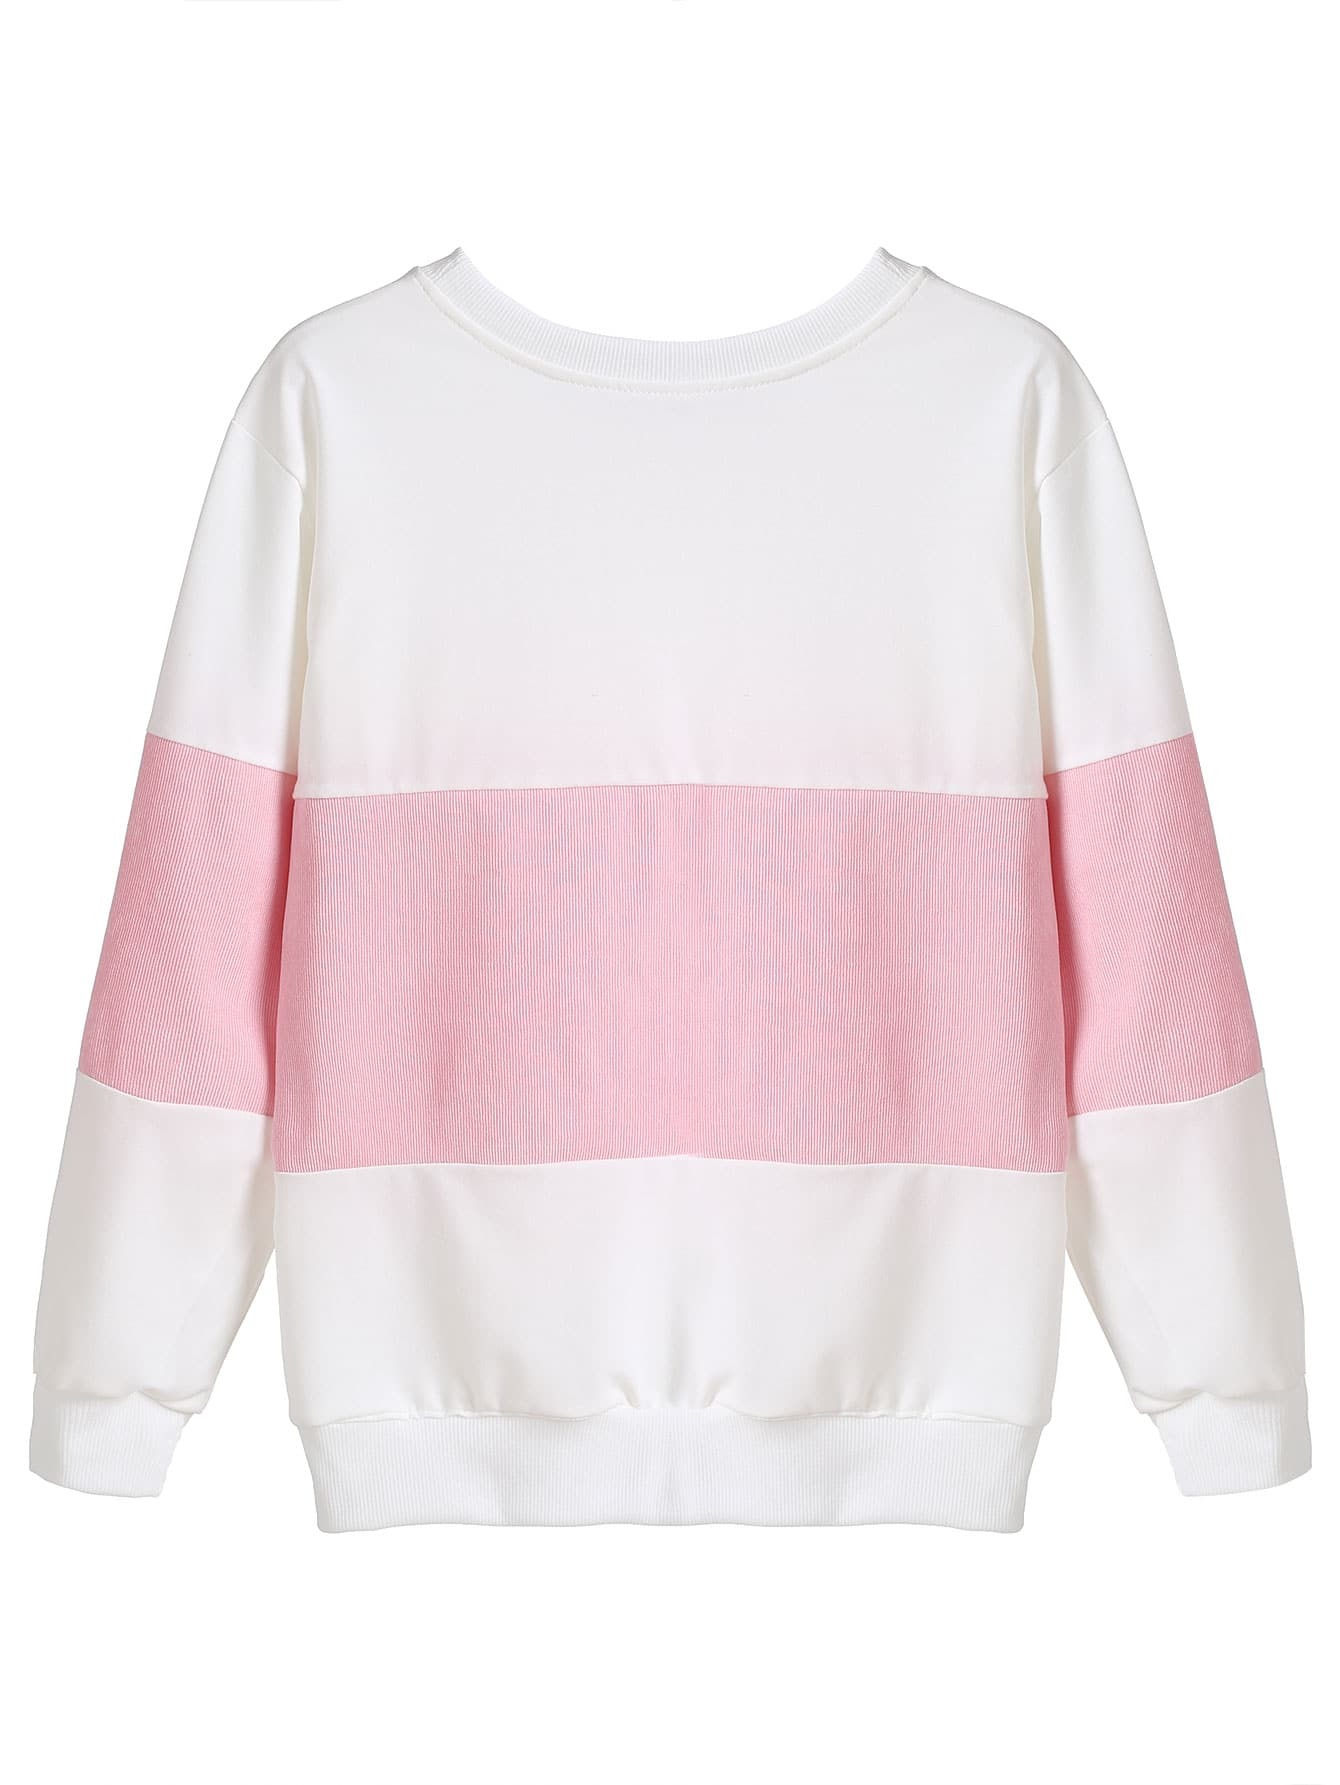 sweatshirt160823109_2